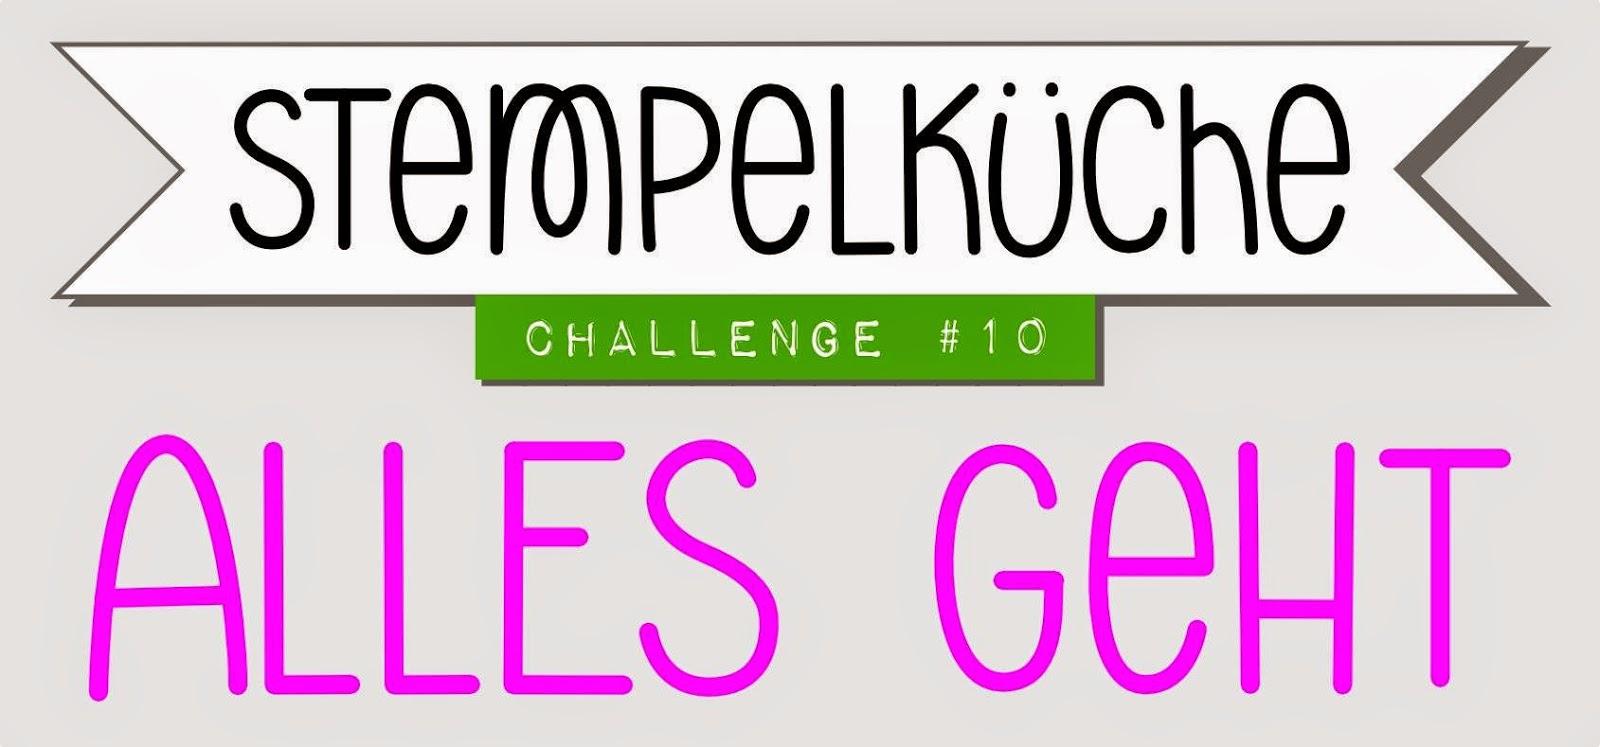 http://www.stempelkueche-challenge.blogspot.de/2015/01/stempelkuche-challenge-10-alles-geht.html